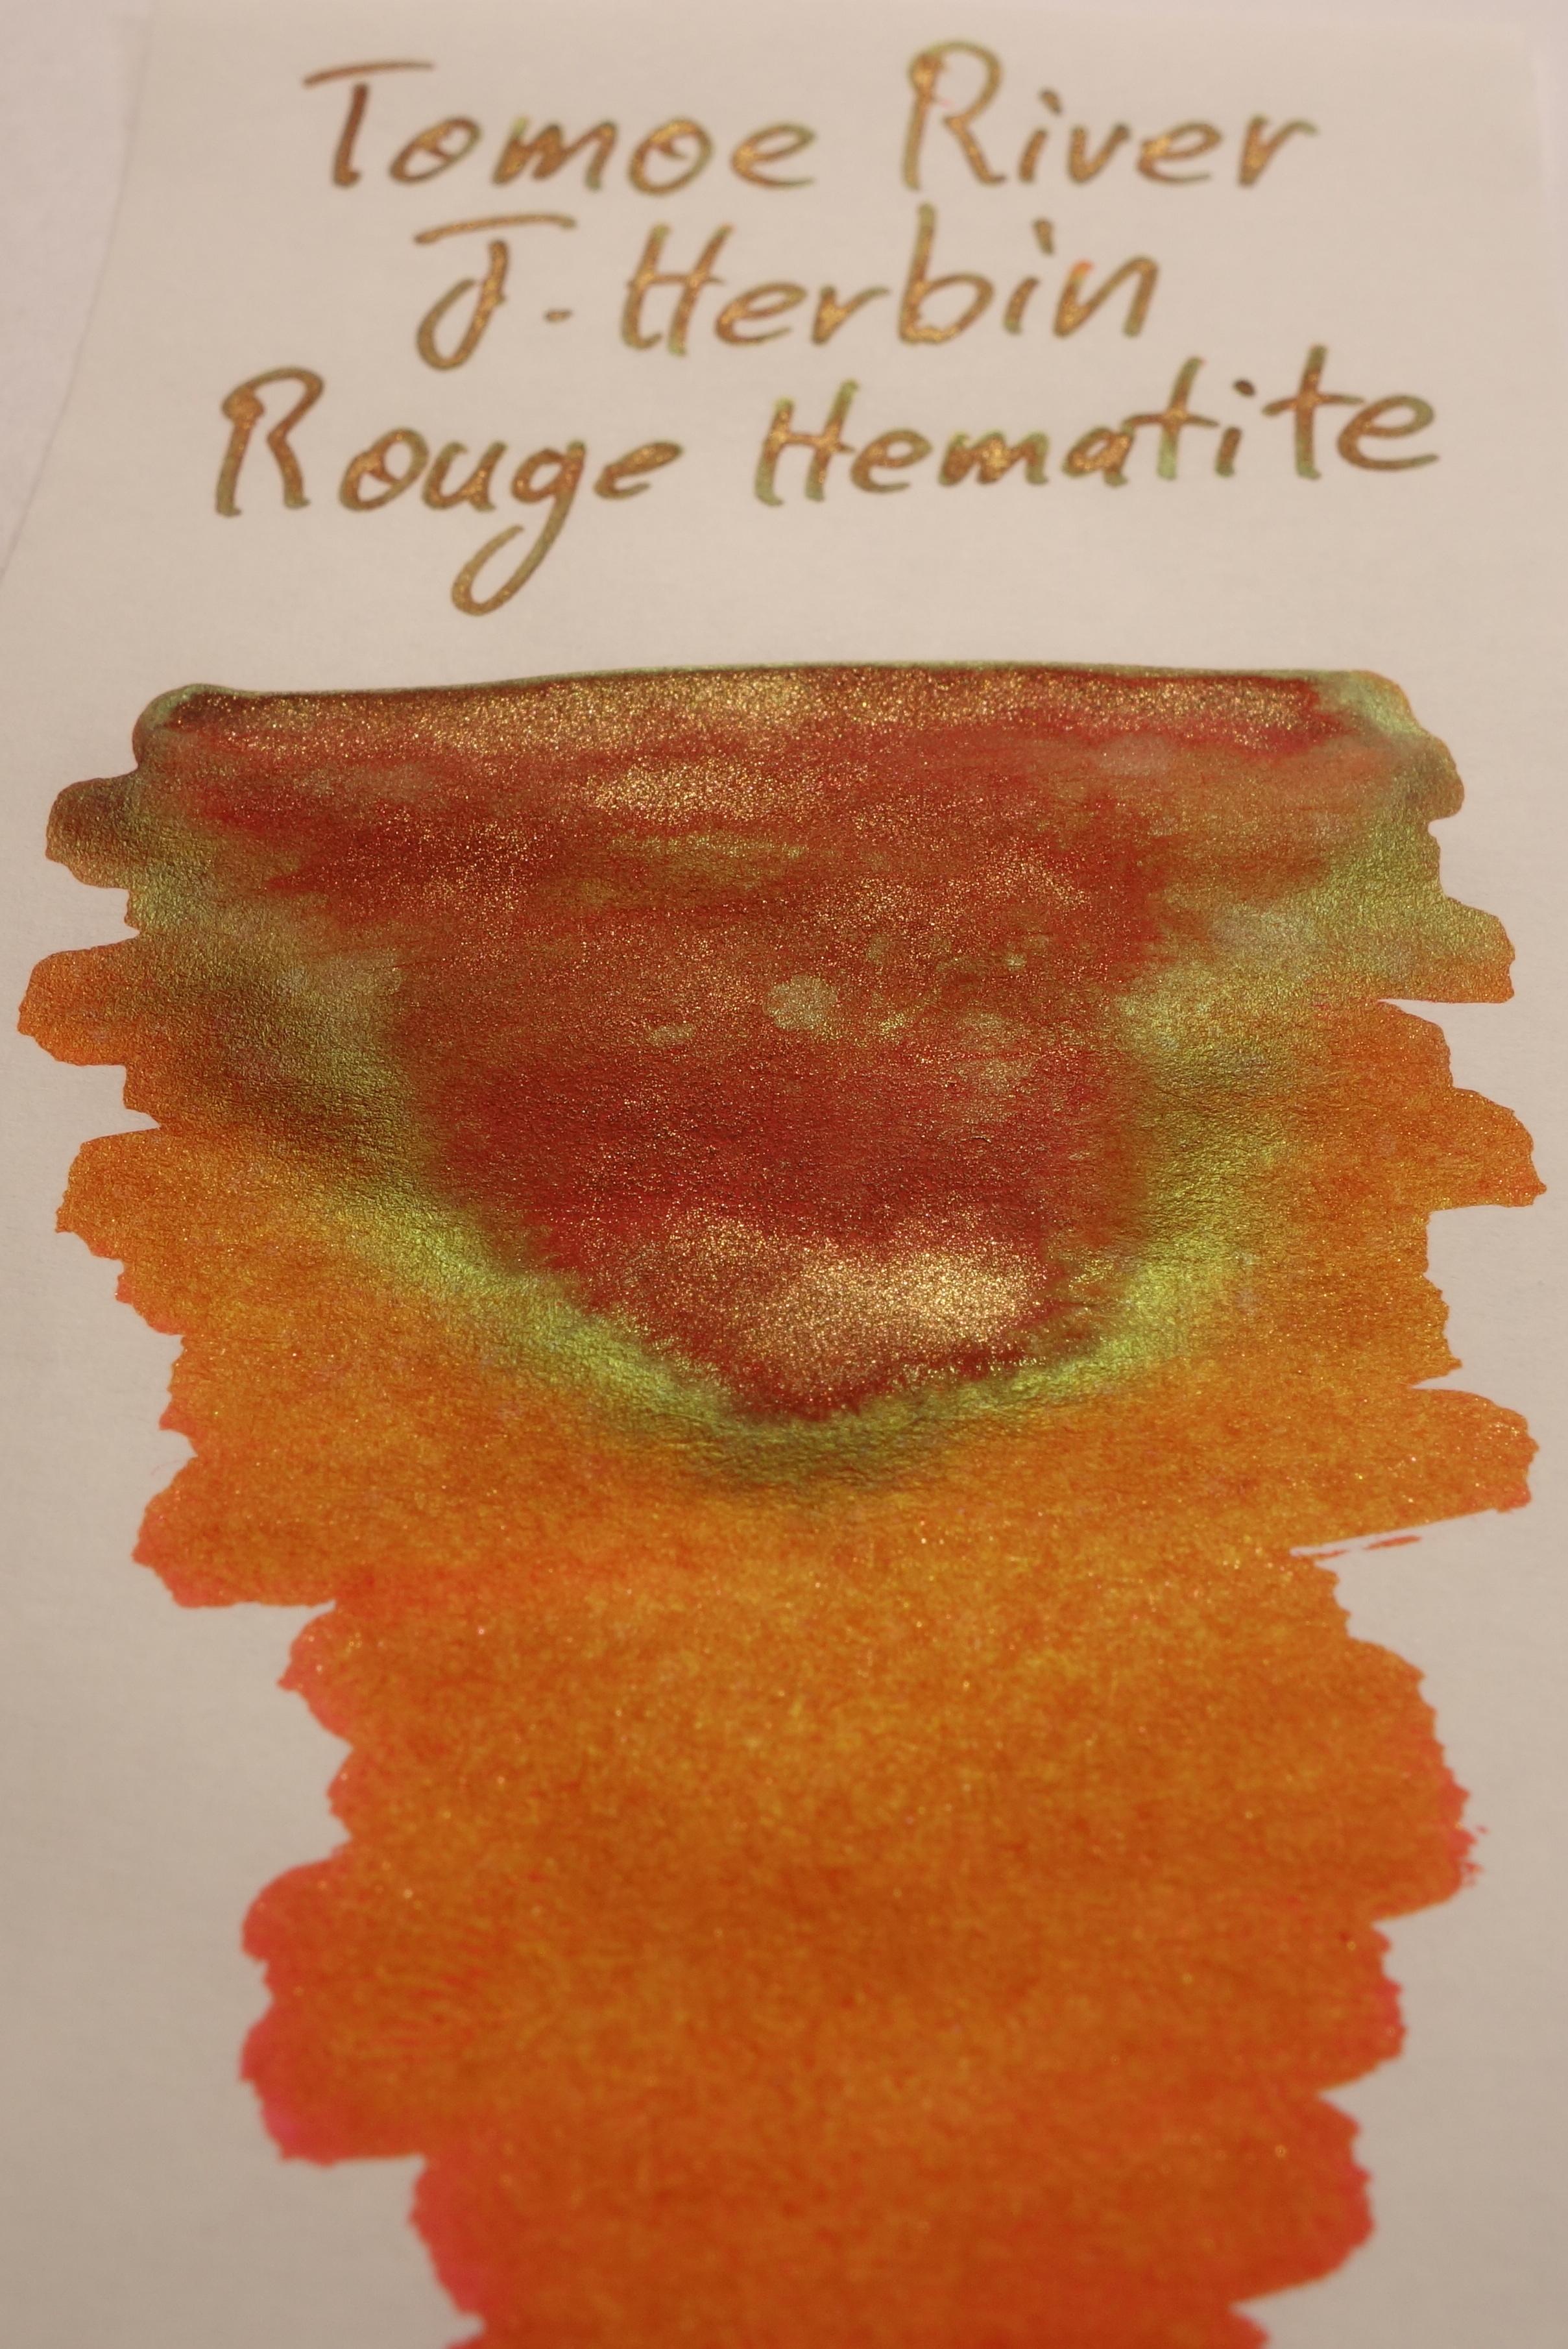 J. Herbin Rouge Hematite Sheen Tomoe River 2.JPG